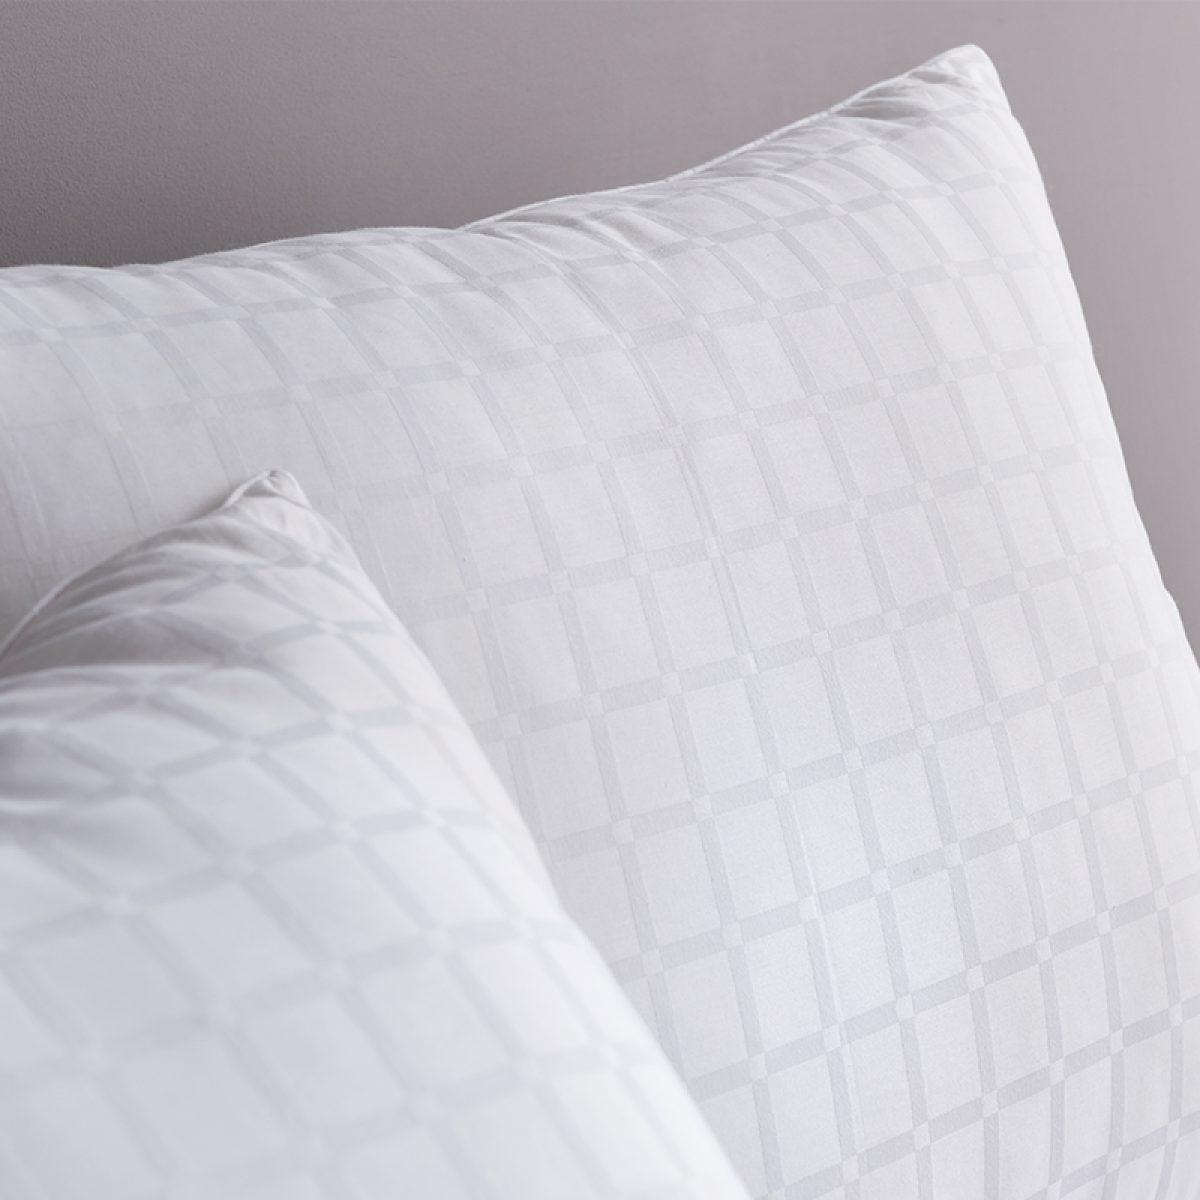 Boutique silk check pillow cameo web 1024x1024